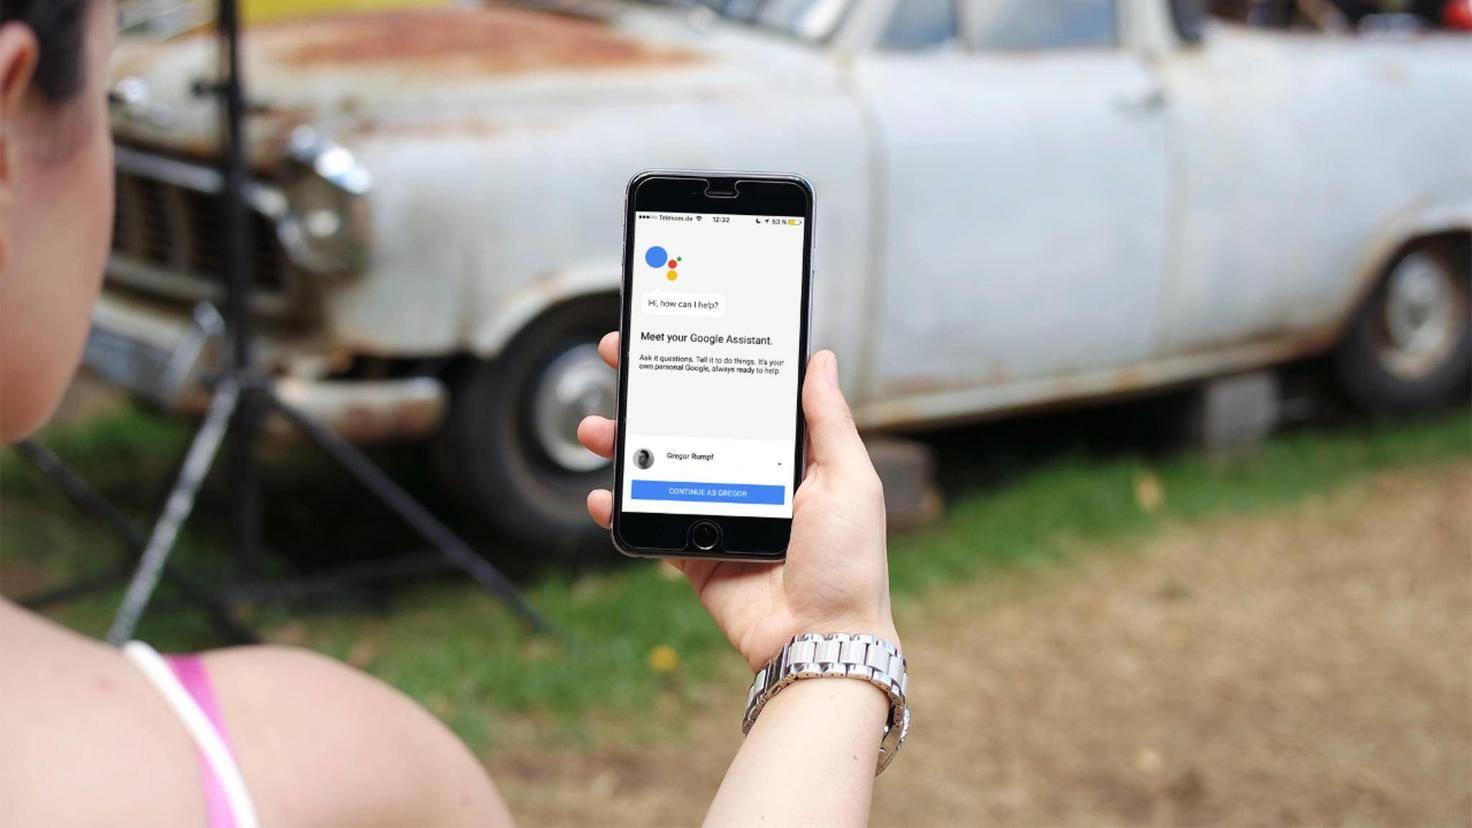 Derzeit versteht der Google Assistant auf dem iPhone nur englische Spracheingaben.